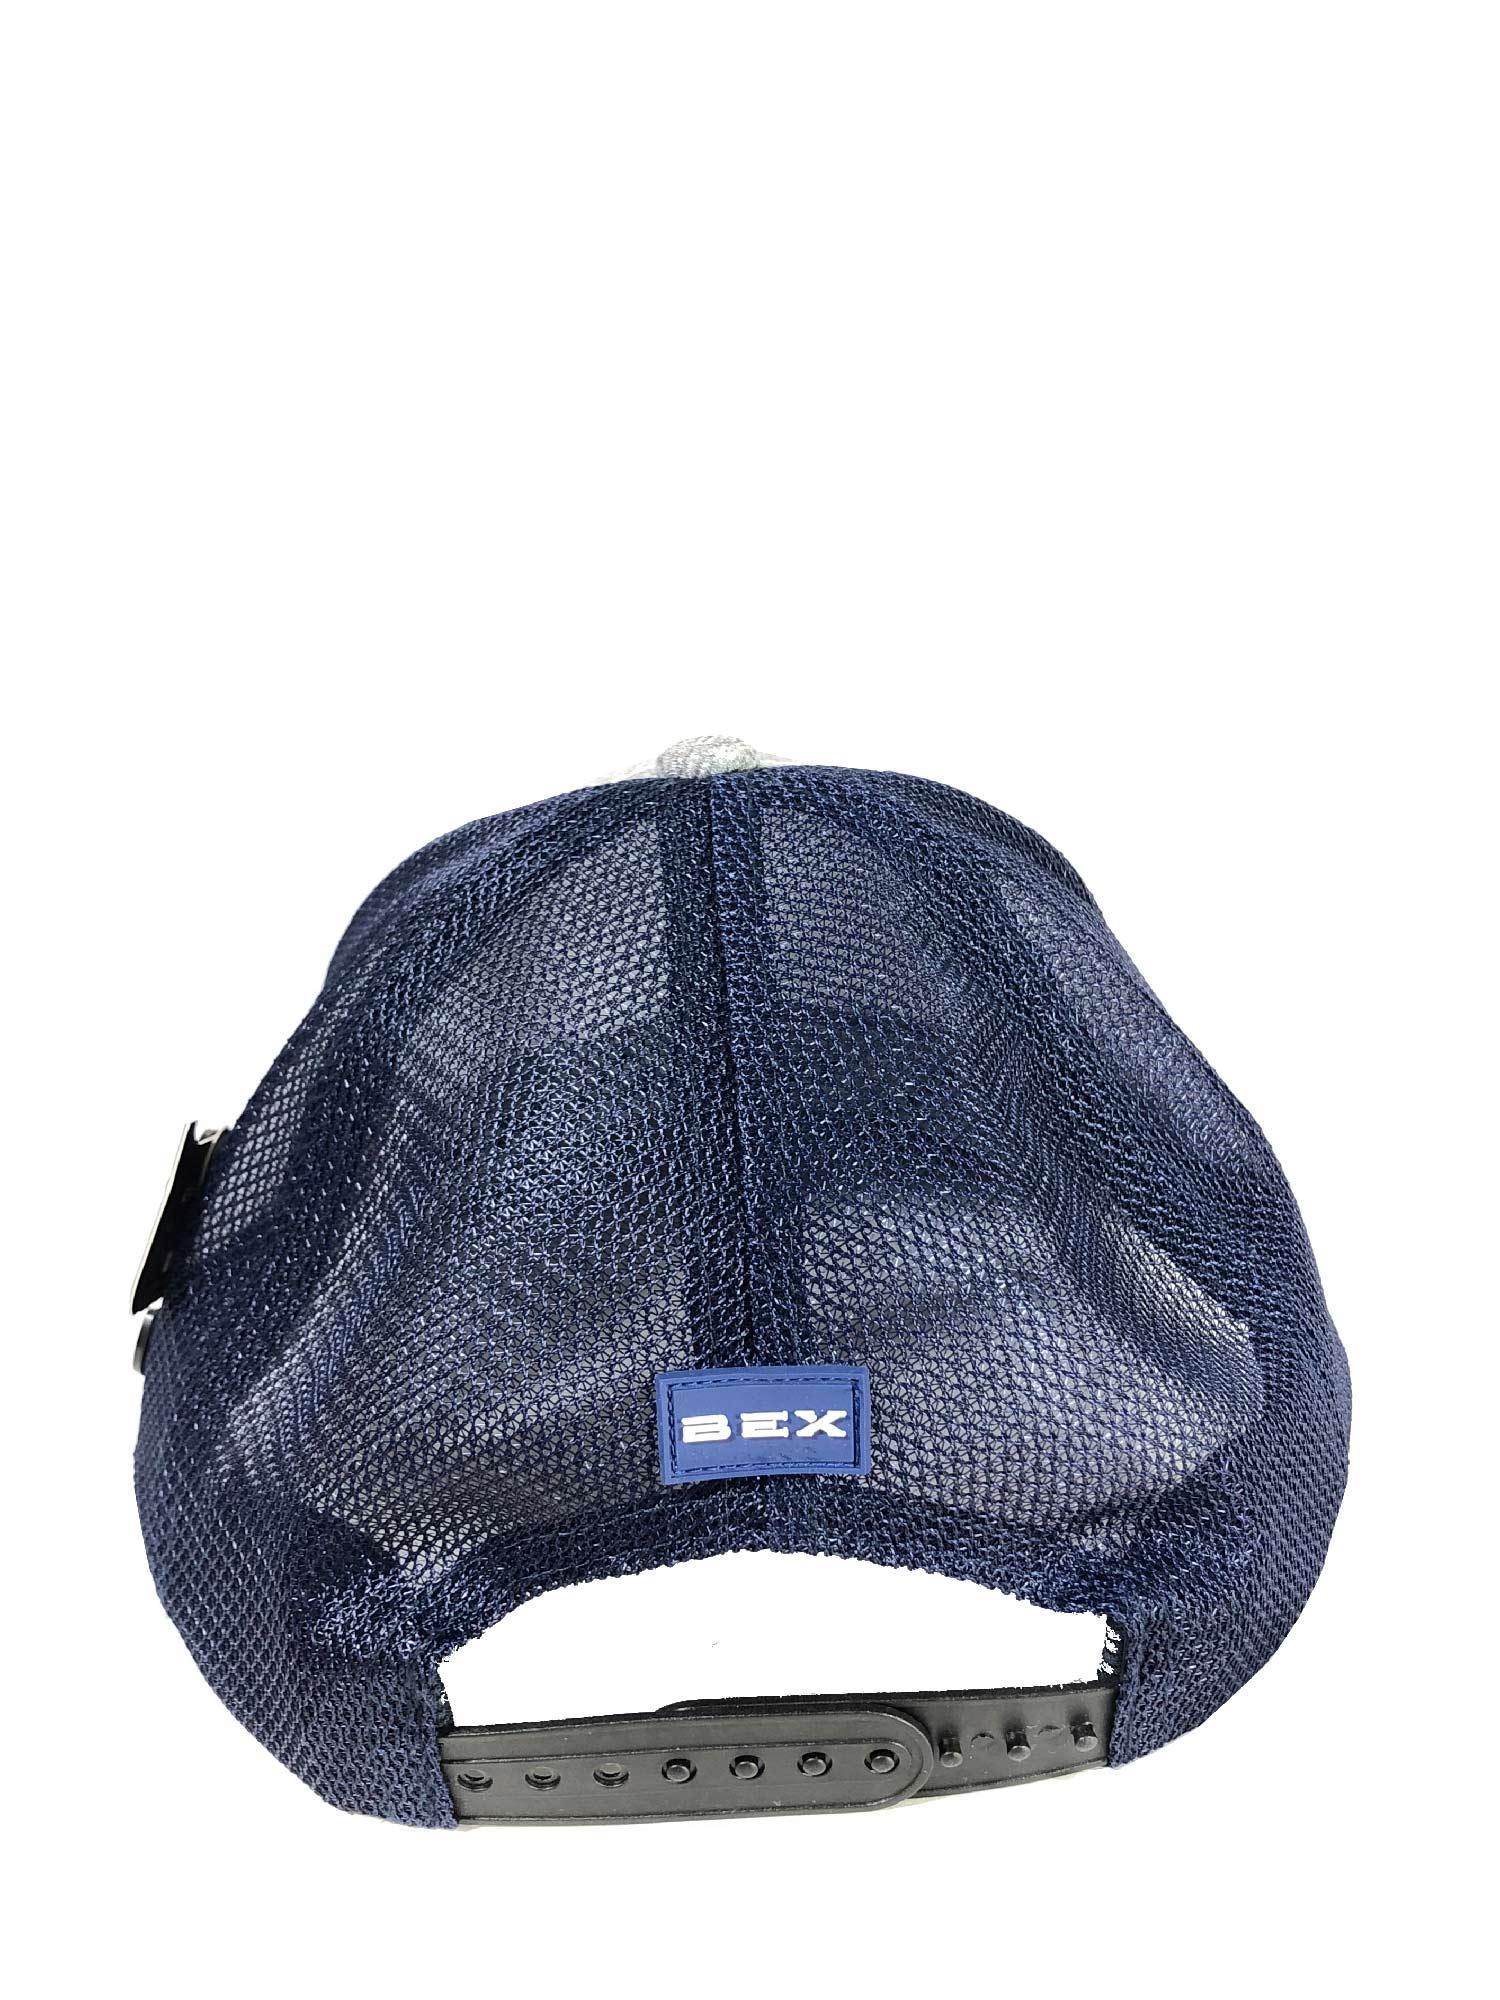 Boné BEX Importado Air Fit em Tela com Regulagem Snapback Masculino Cinza e Azul